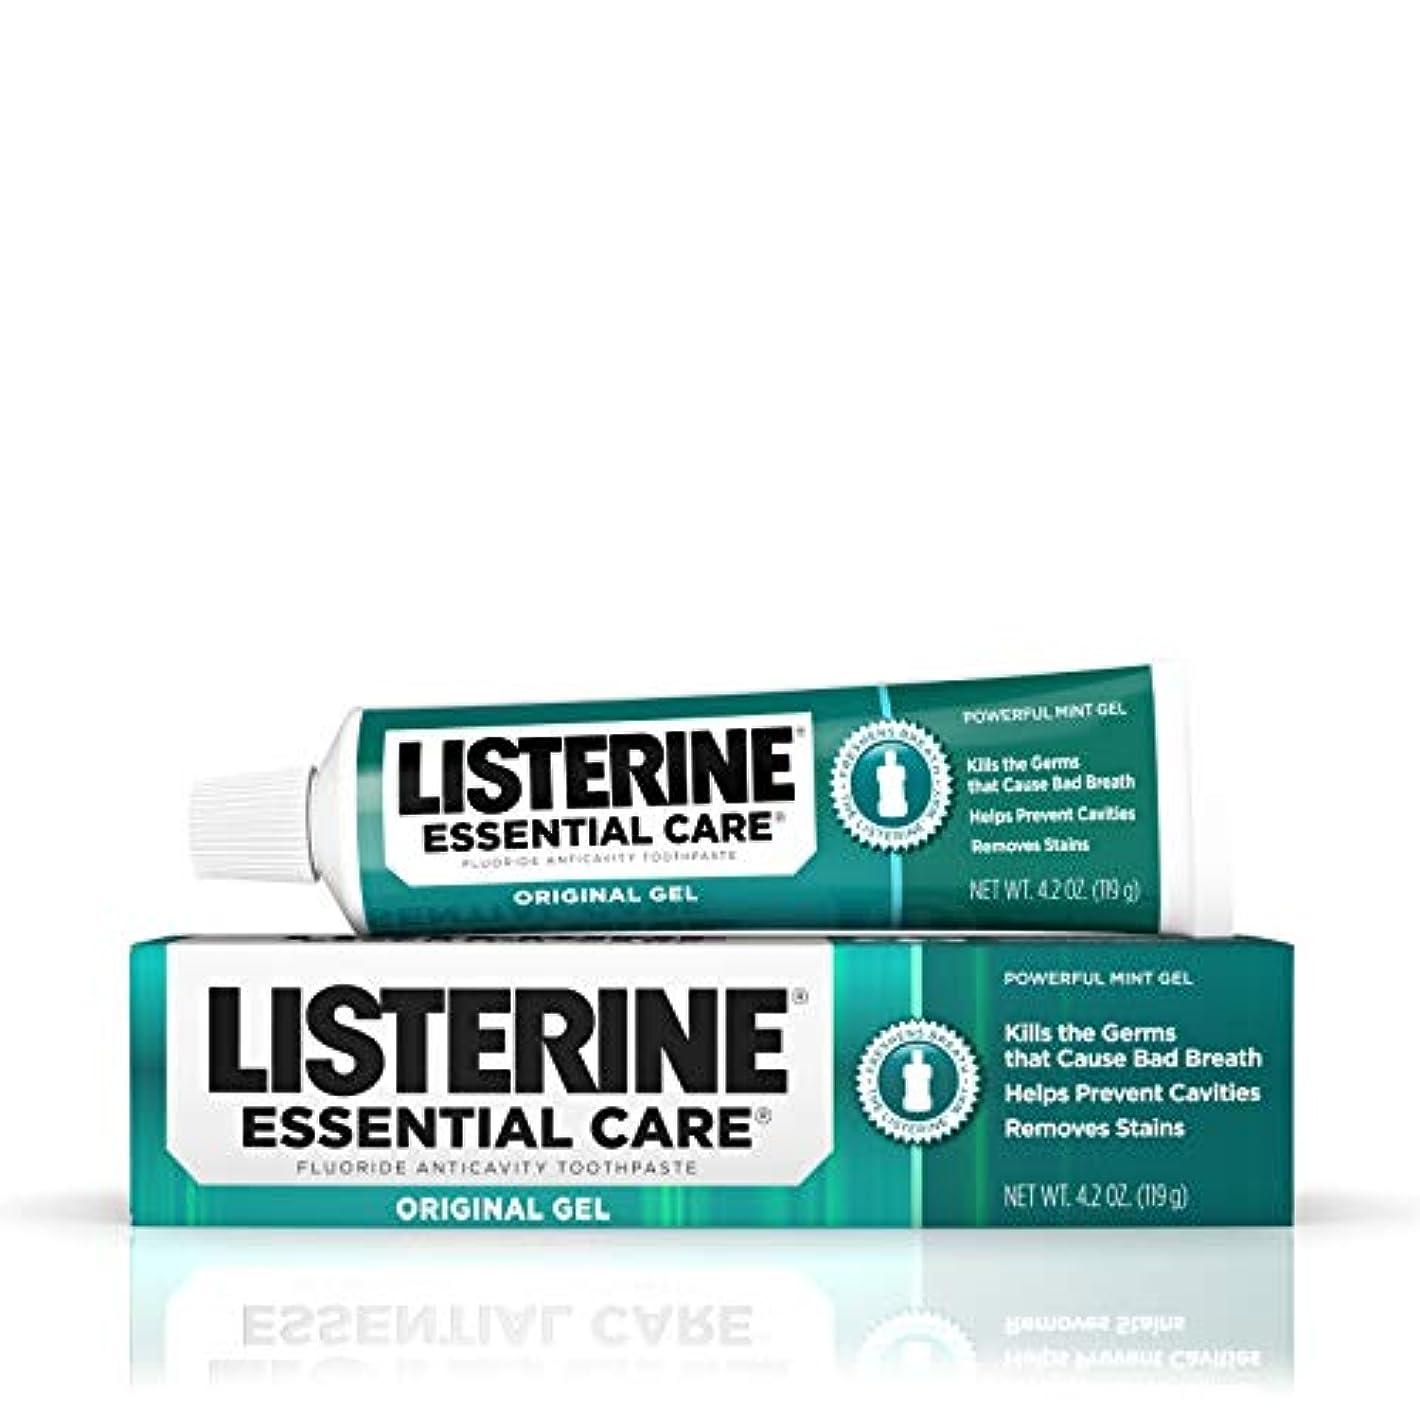 ボールいらいらさせるもっともらしい海外直送品Listerine Essential Care Toothpaste Gel Original, Powerful Mint 4.2 oz by Listerine